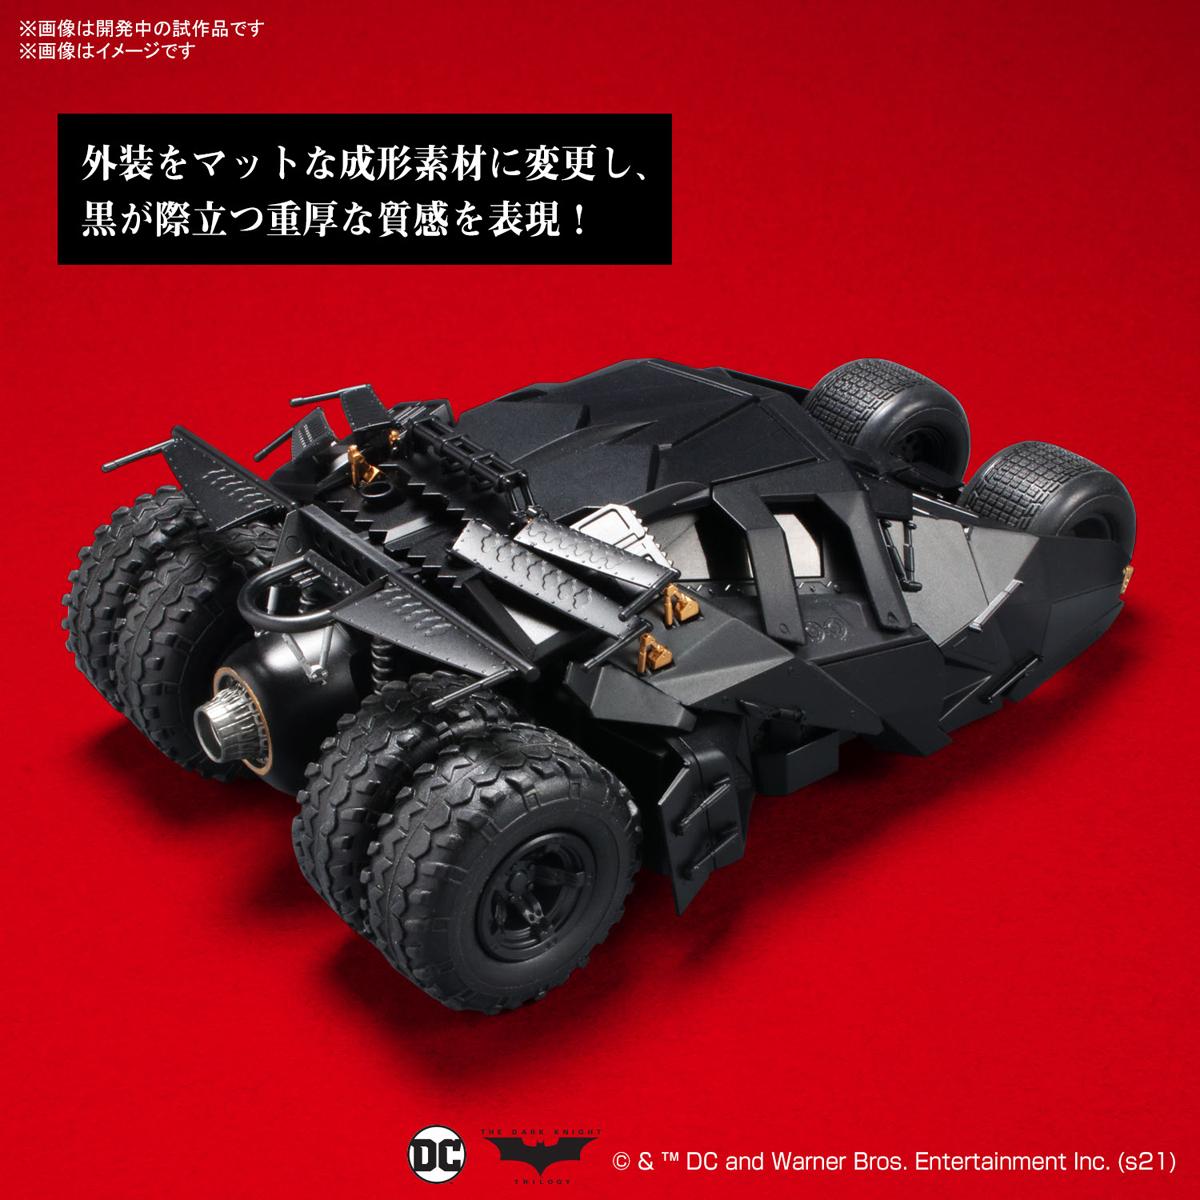 1/35 SCALE『バットモービル(バットマン ビギンズVer.)』プラモデル-002